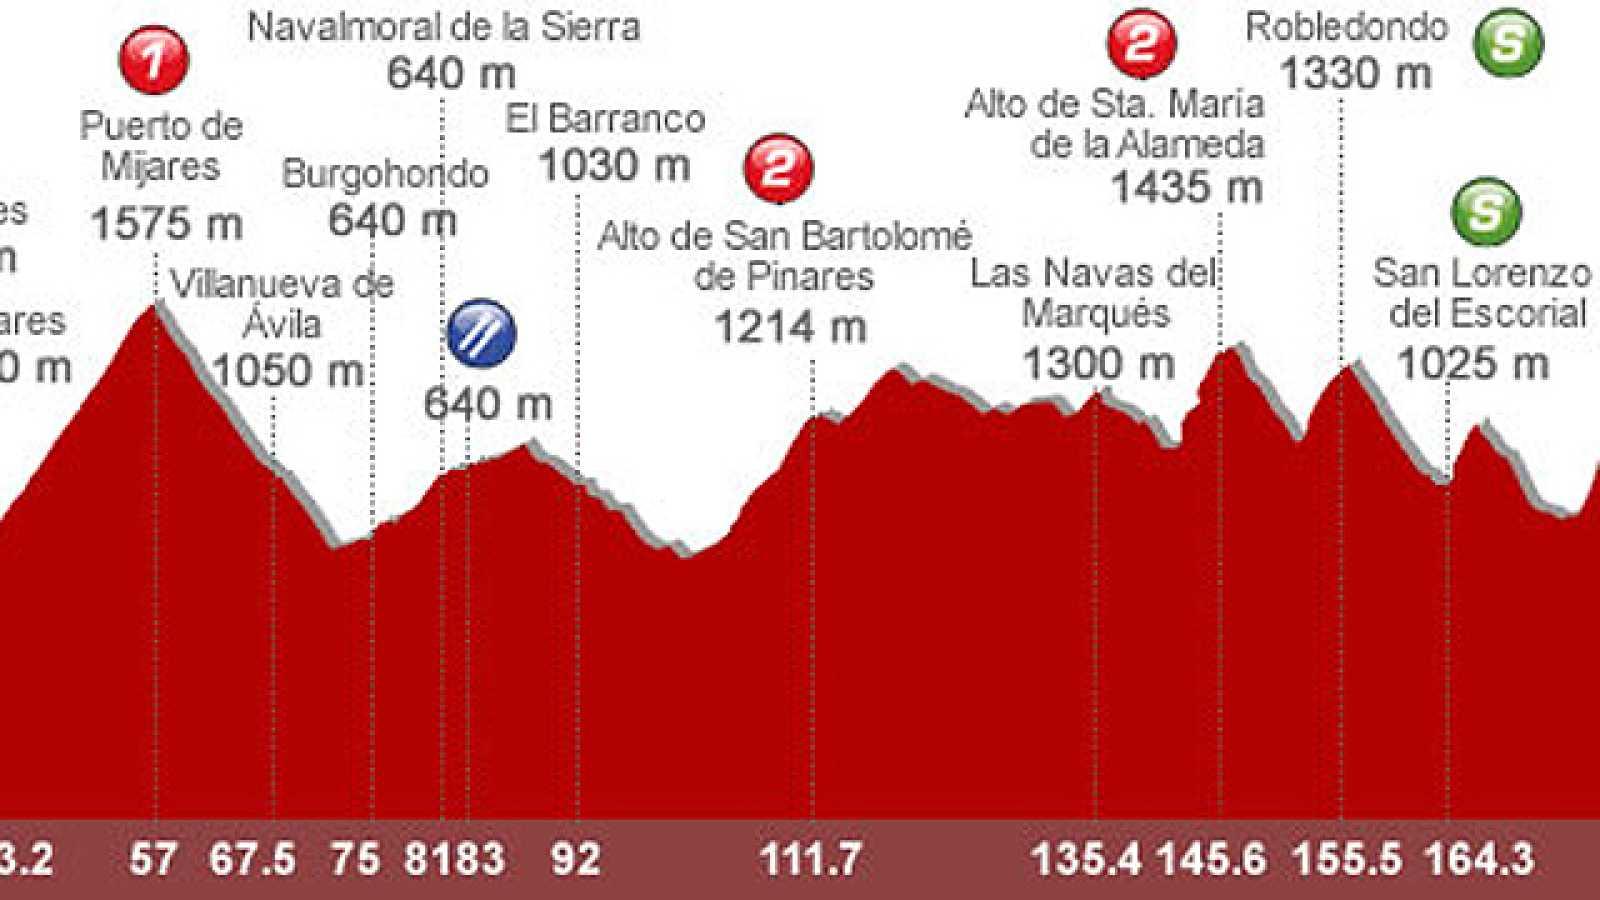 El ciclista del Team Movistar analiza para RTVE.es el recorrido de la octava etapa de la Vuelta 2011, entre Talavera y San Lorenzo de El Escorial